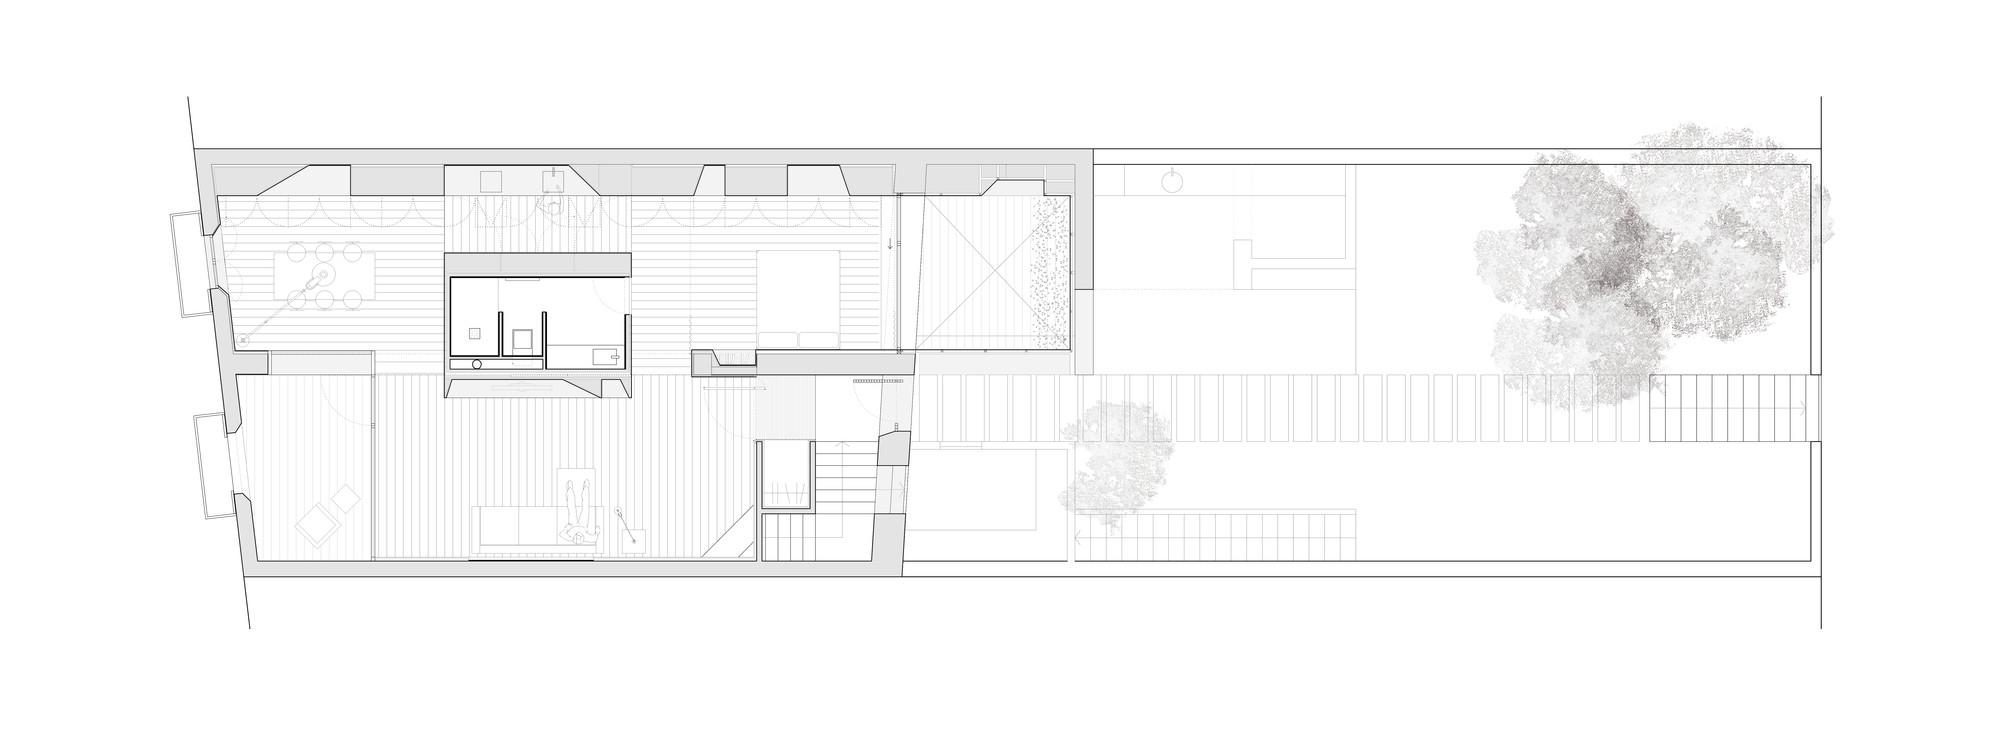 tile house cubus floor plan [ 2000 x 732 Pixel ]